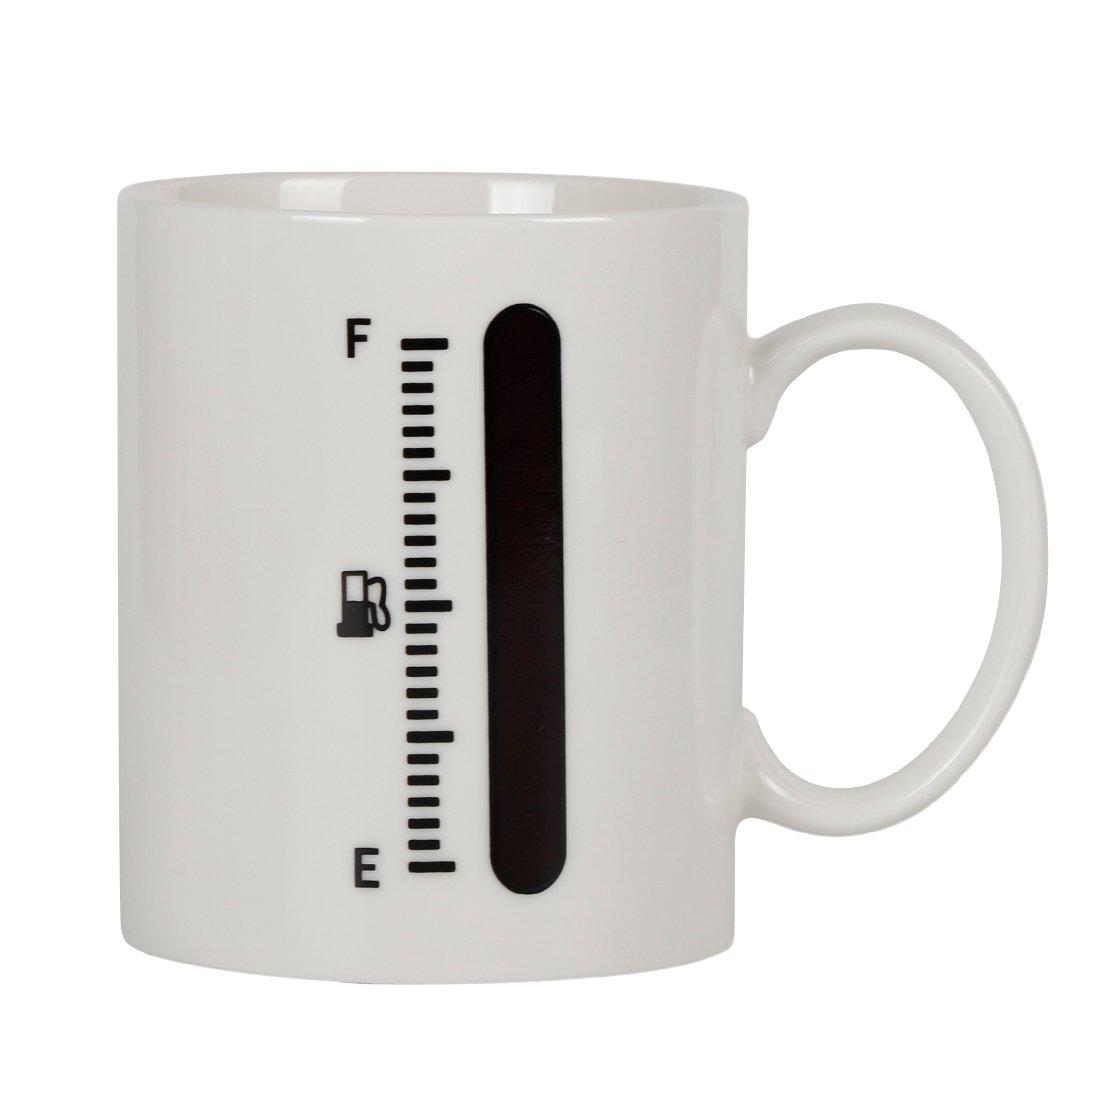 【超ポイント祭?期間限定】 momugs Cup B0784SCTBH 1ピース色変更する温度計熱Sensitive磁器ティーコーヒーマグ12オンスタンクUp燃料ゲージ熱Sensitive momugs Cup B0784SCTBH, Noone:8147c5bd --- beyonddefeat.com